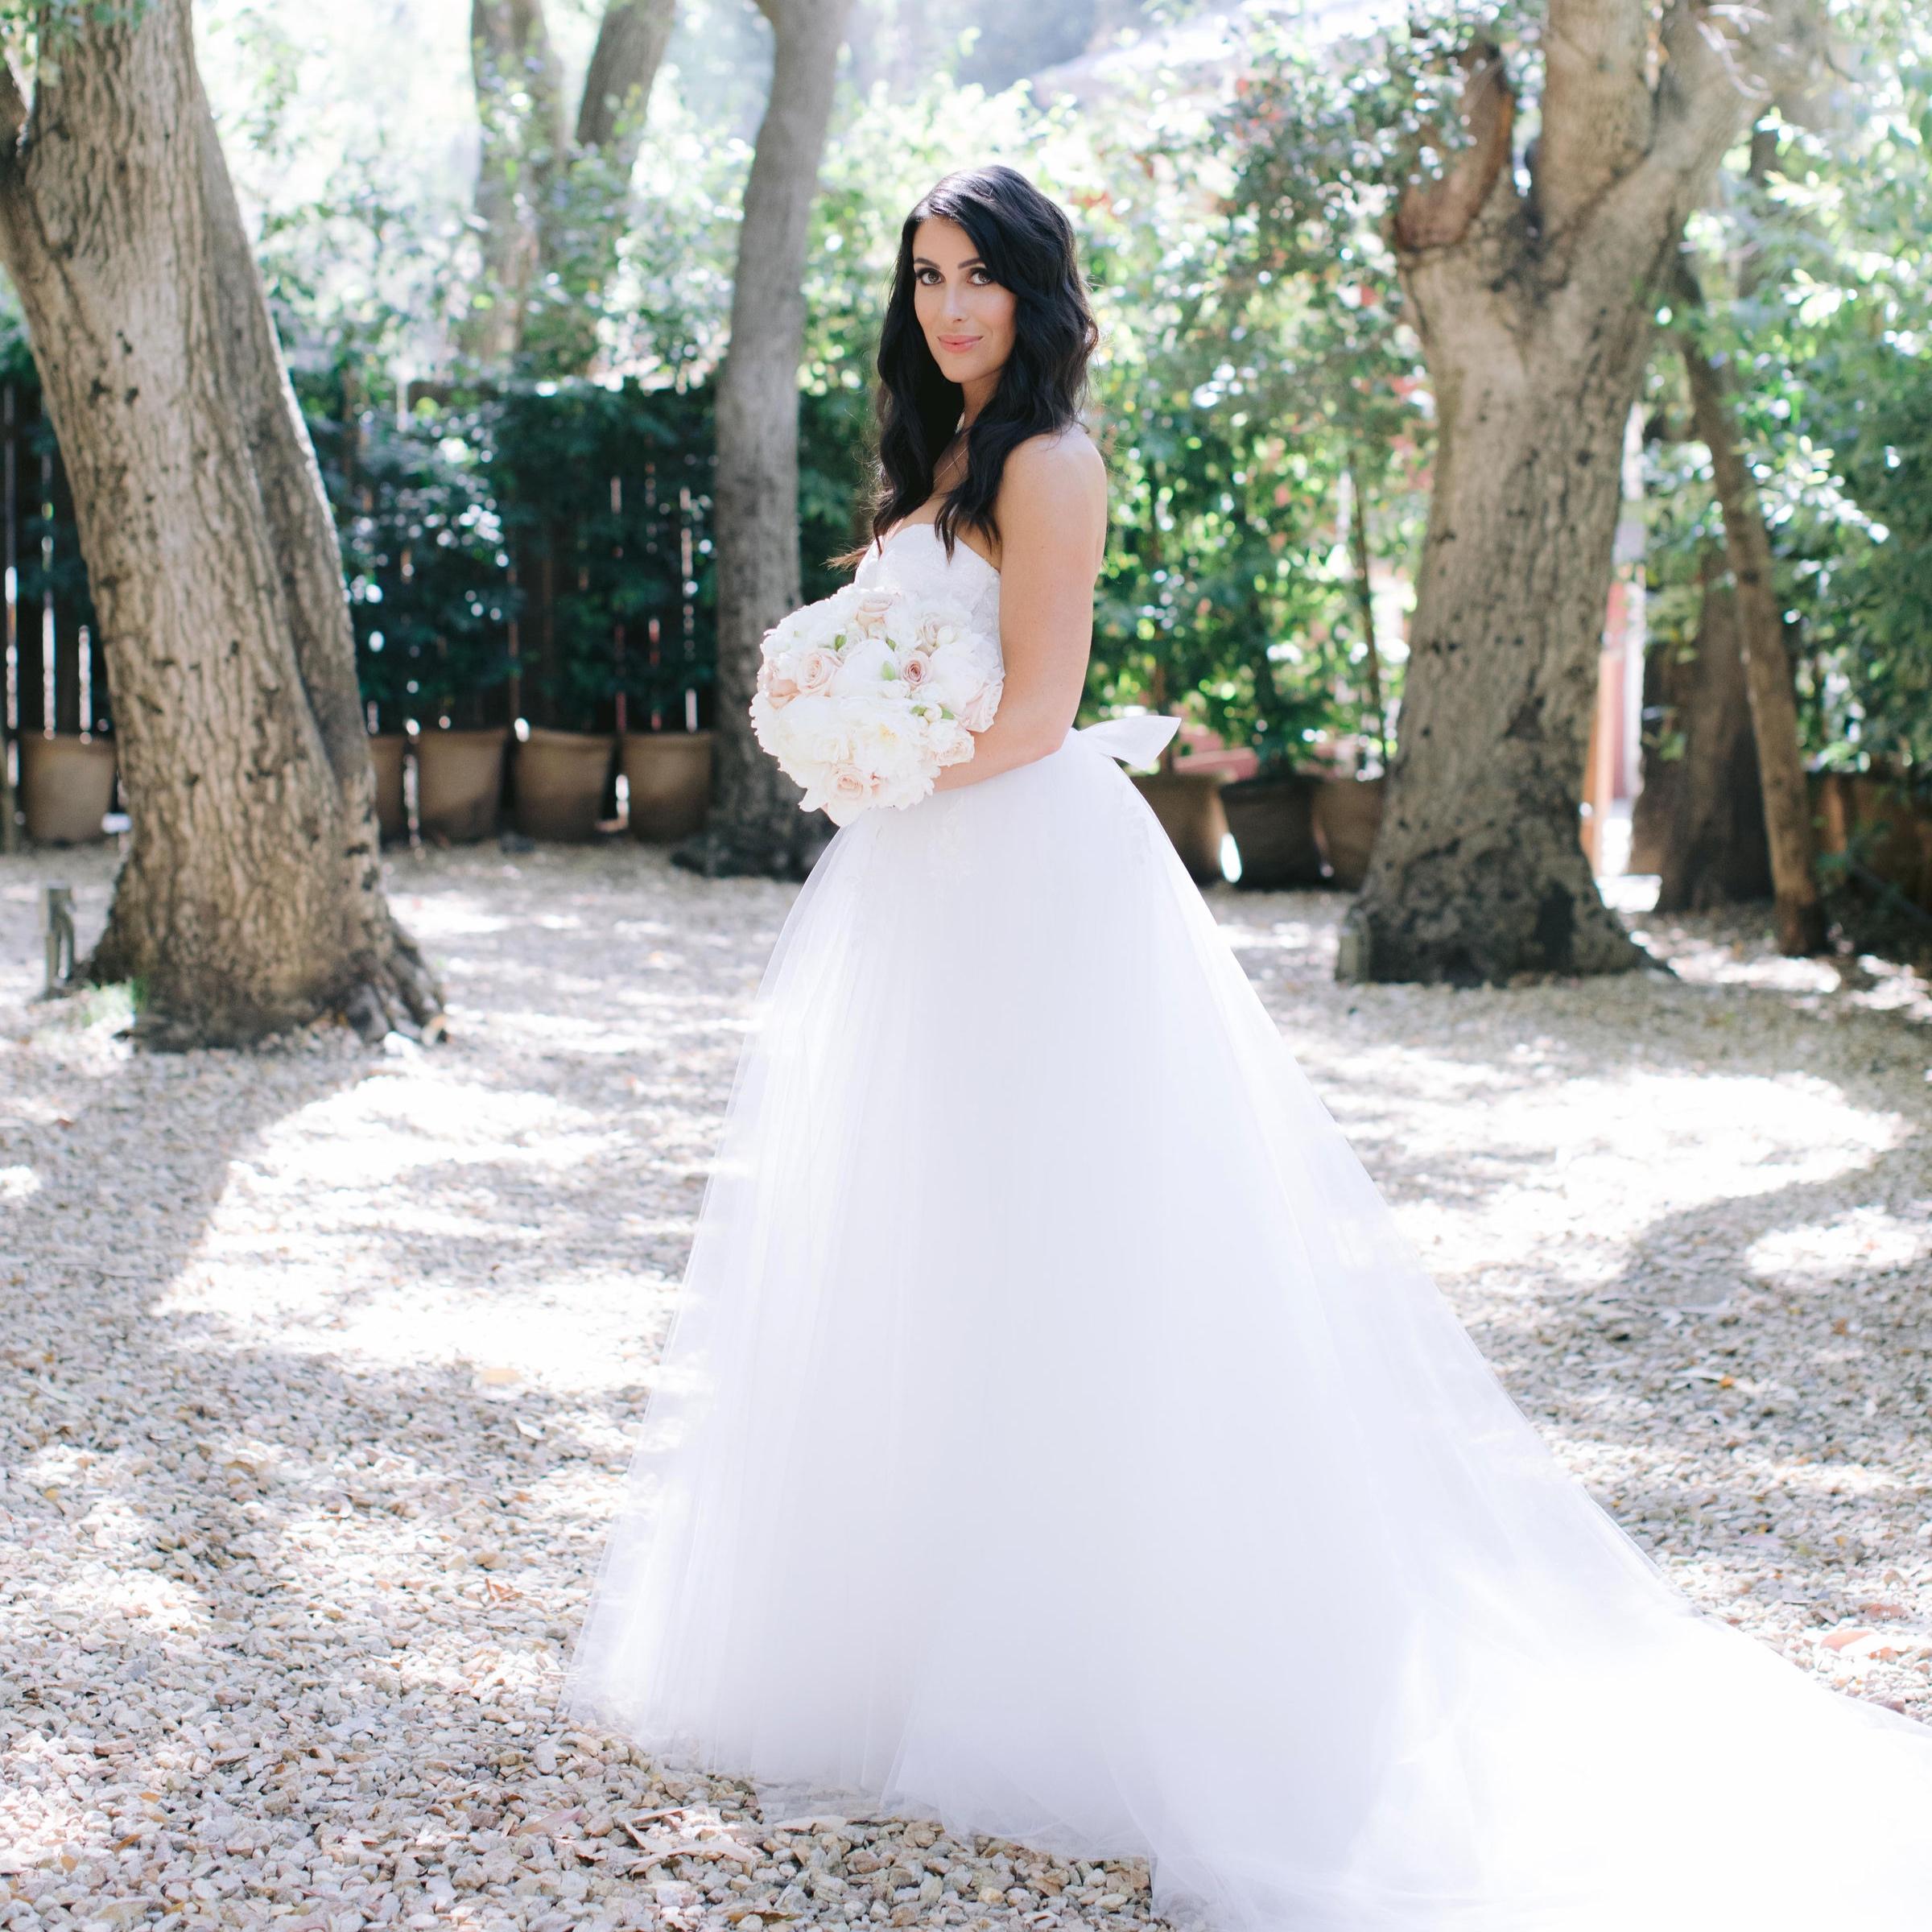 Dress:  Trish Peng